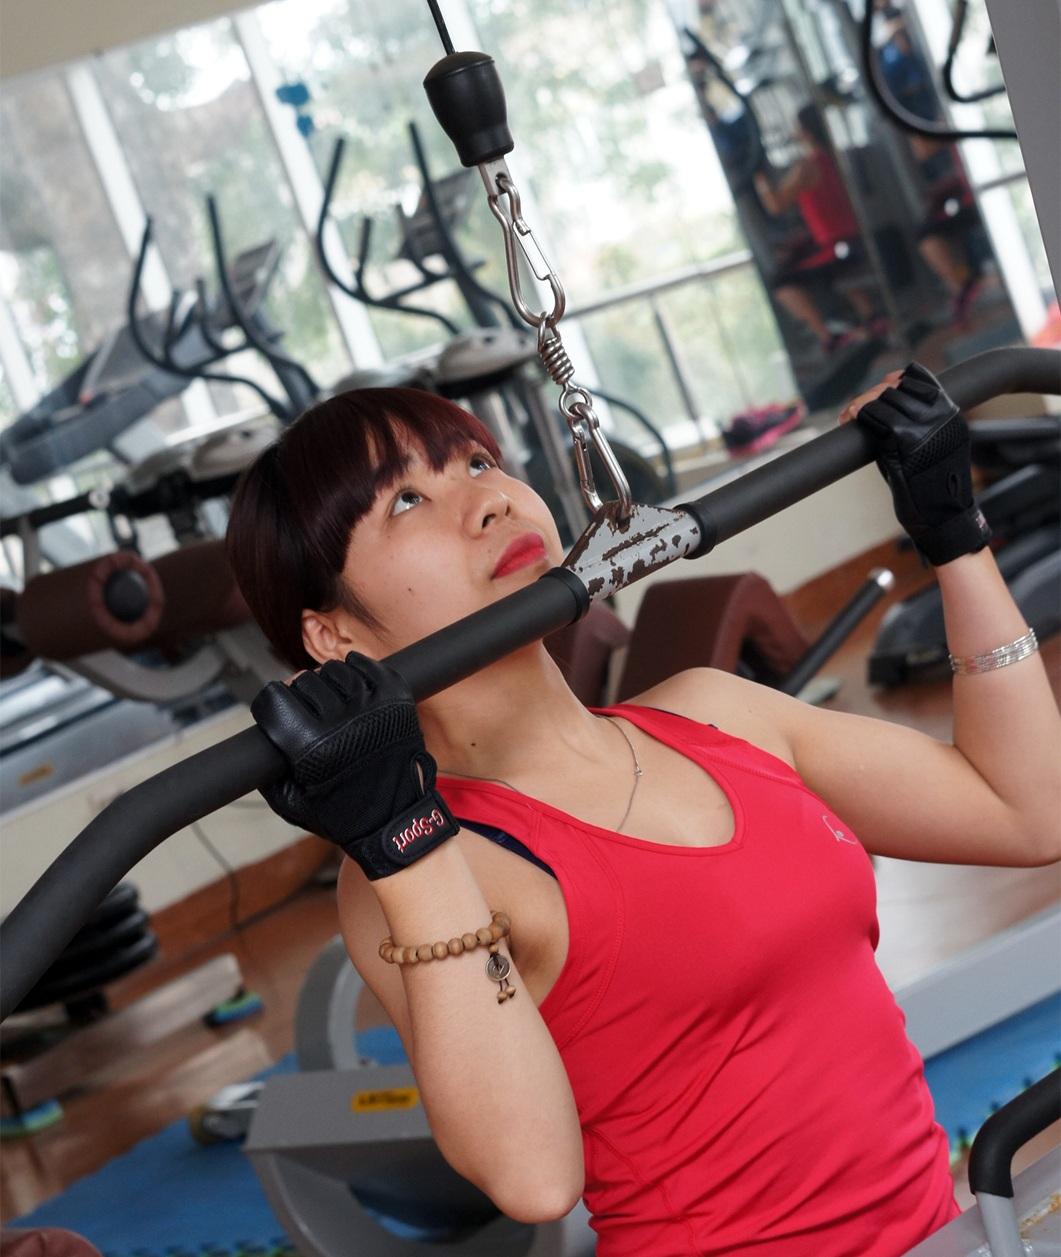 Găng tay tập gym GS 01